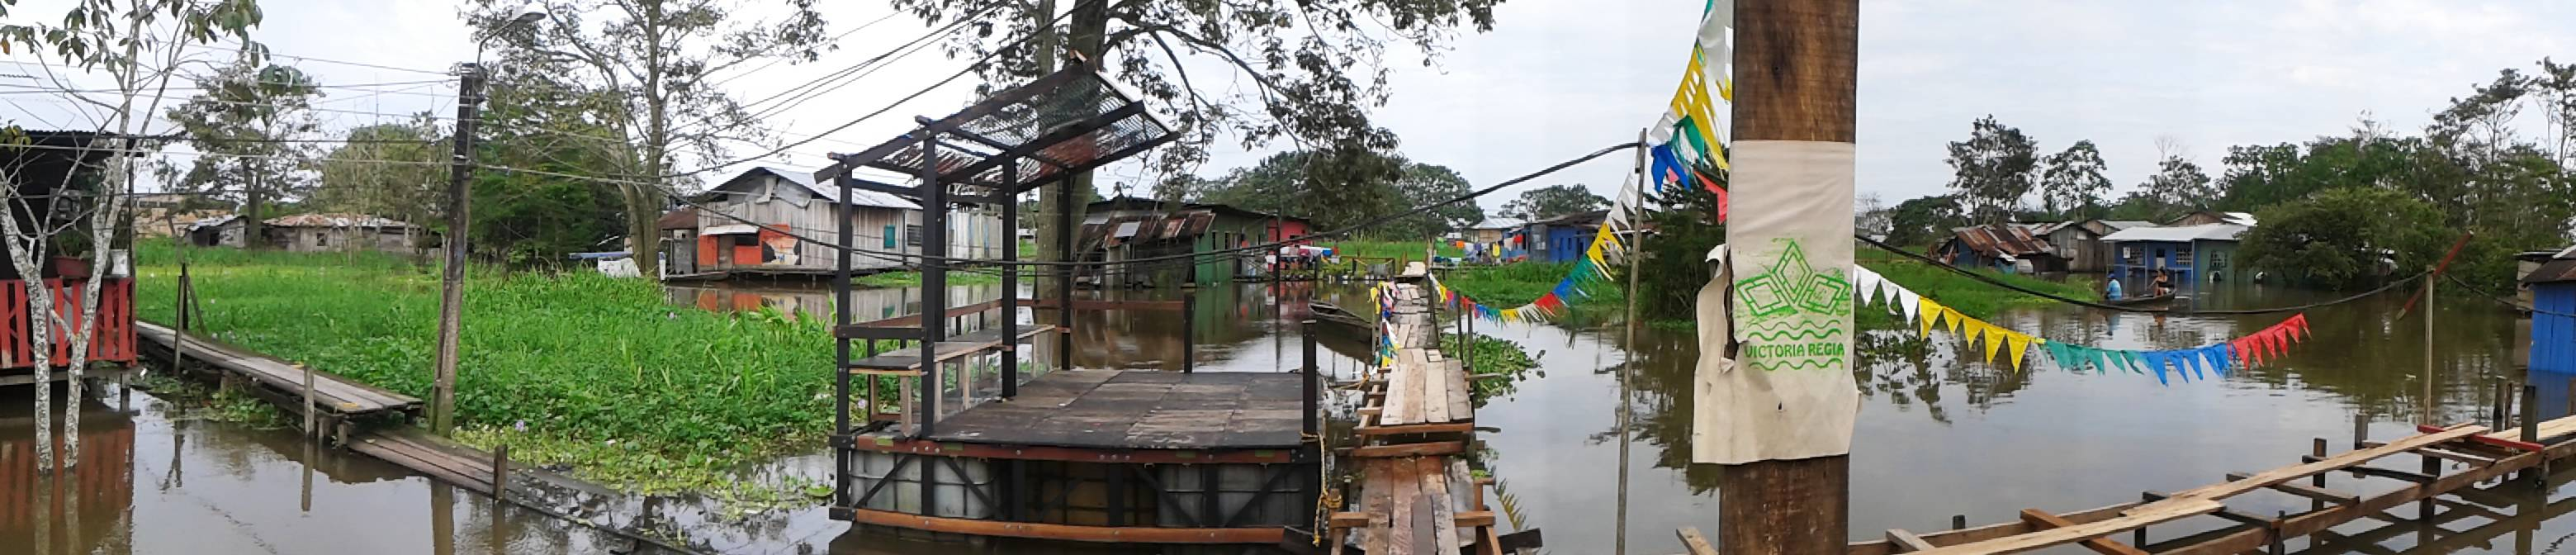 Espacio Público Flotante- Amazonas